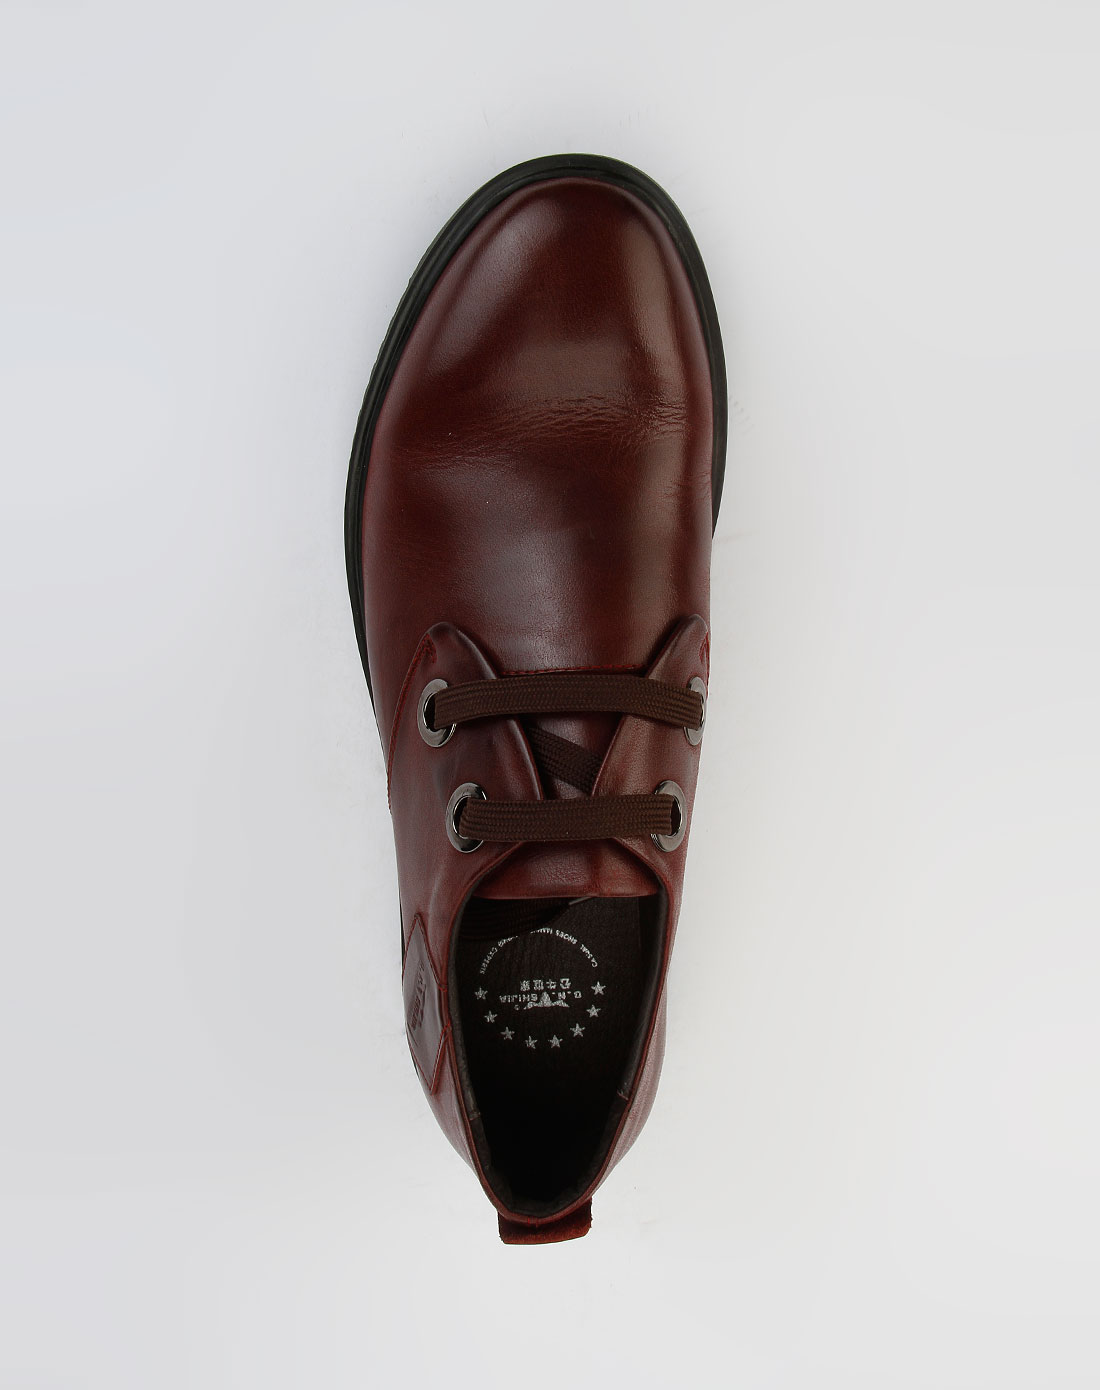 枣红休闲皮鞋lbw